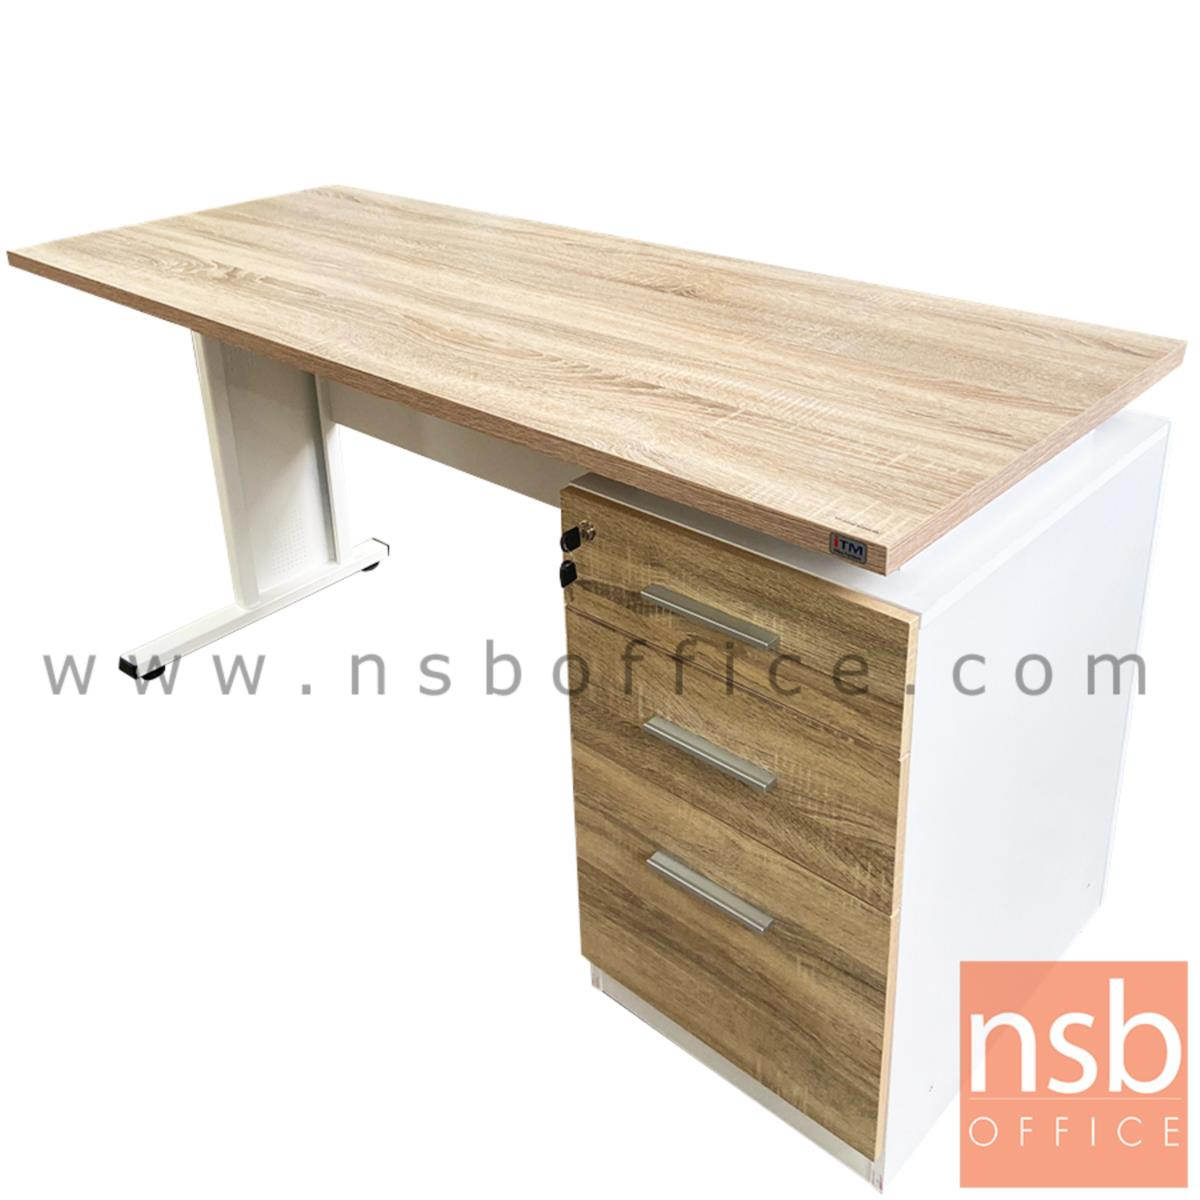 โต๊ะทำงาน 3 ลิ้นชัก รุ่น Bari (บารี) ขนาด 120W, 150W cm. ขาเหล็ก